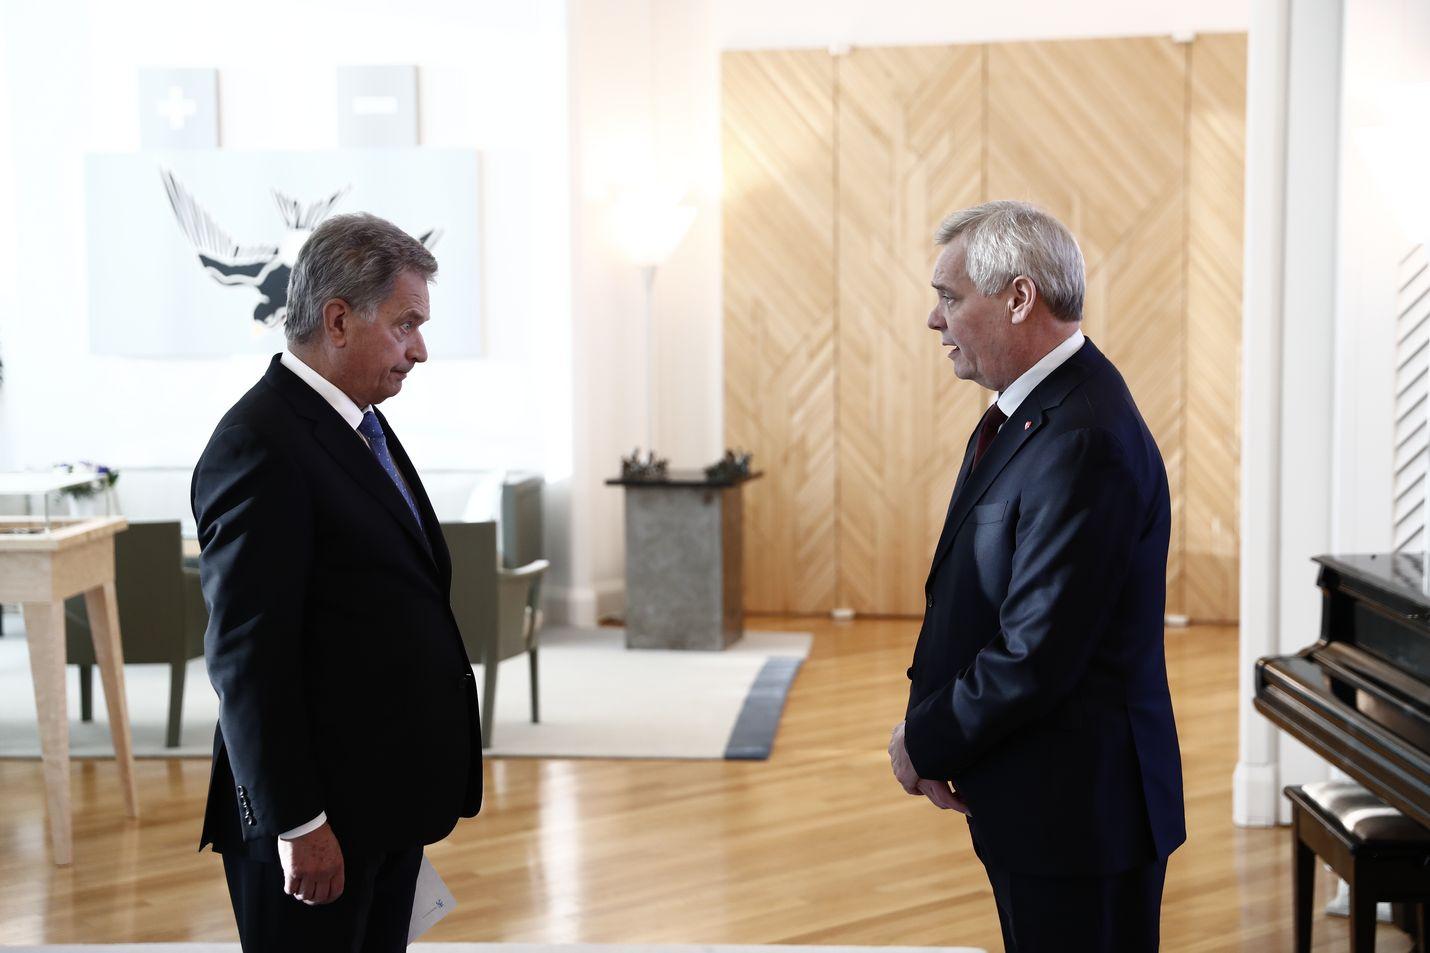 Pääministeri Antti Rinne jätti eronpyyntönsä presidentti Sauli Niinistölle Mäntyniemessä. Rinne kiitti Niinistöä erinomaisesta yhteistyöstä.